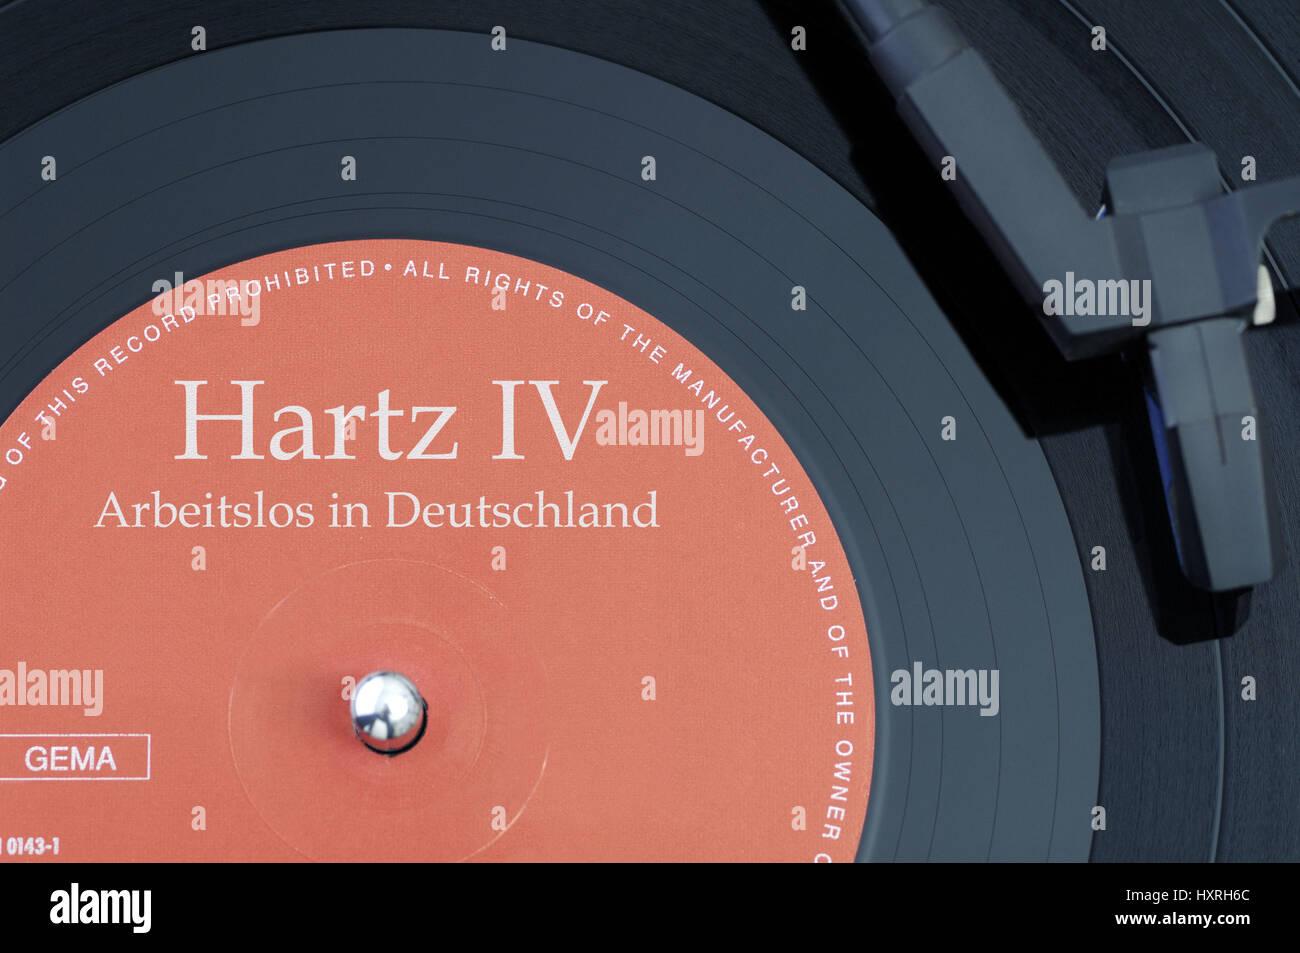 Record with the label Hartz IV, Jobless in Germany, Schallplatte mit der Aufschrift Hartz IV, Arbeitslos in Deutschland - Stock Image